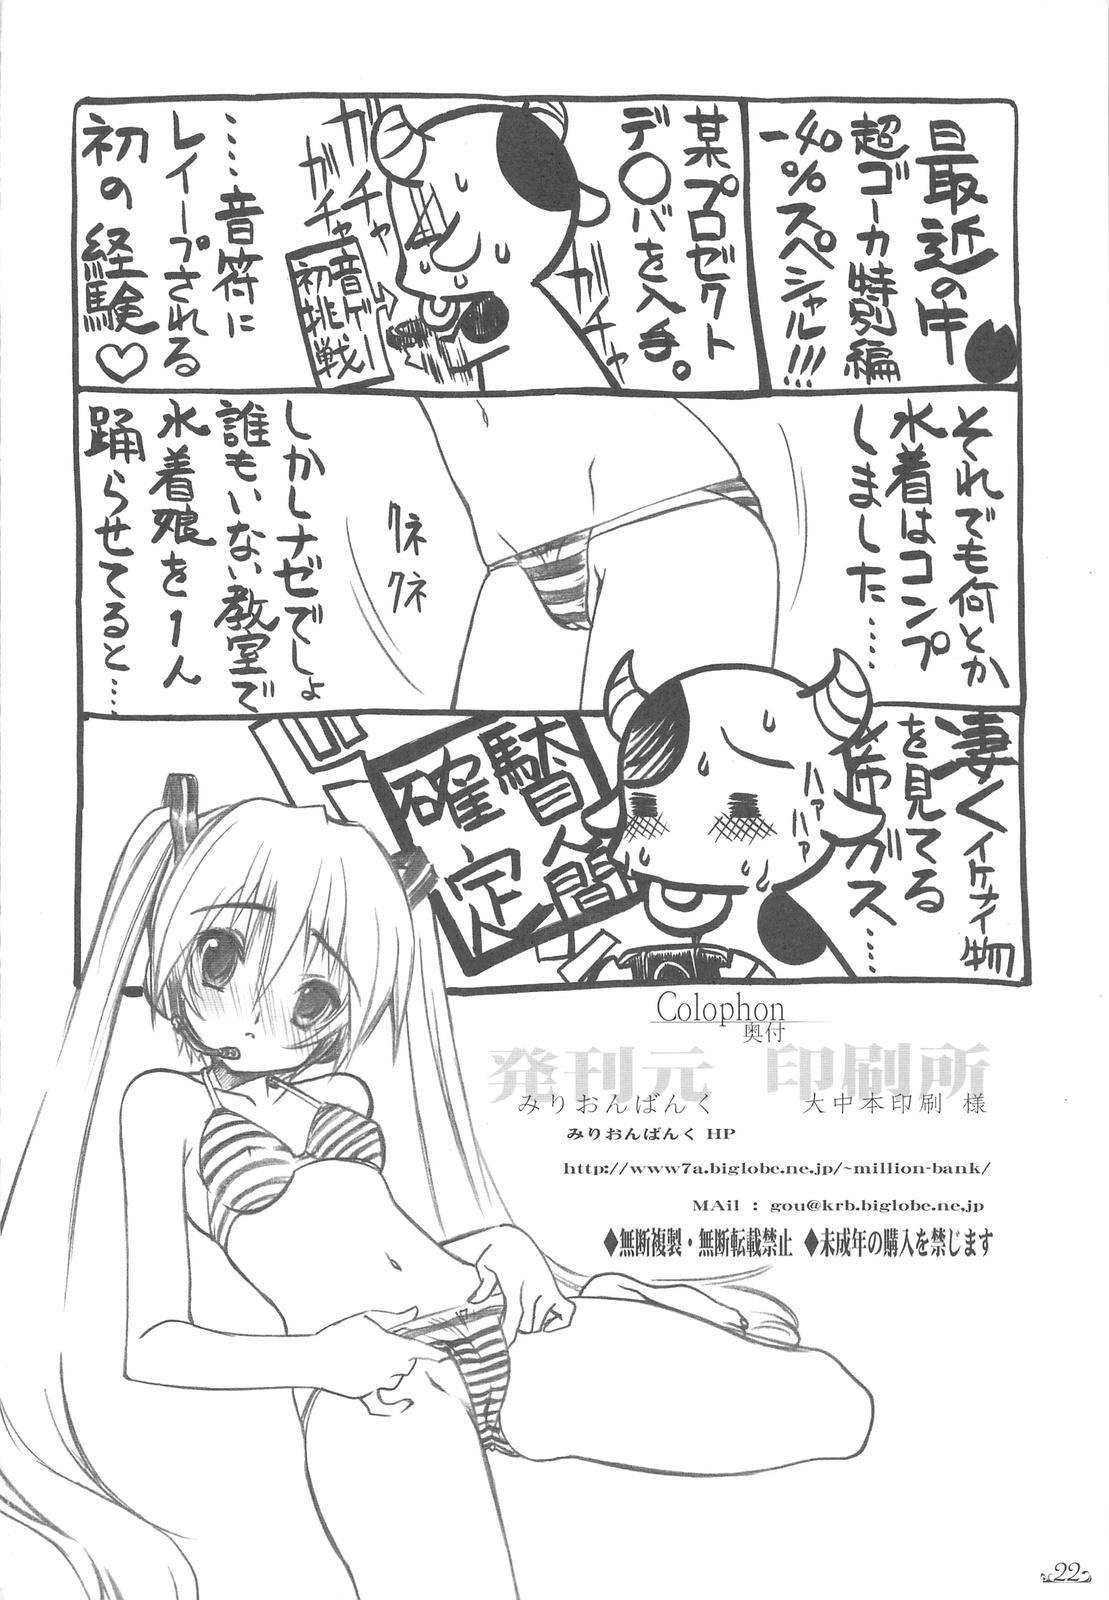 Honogurai Taku no Shita Kara 20